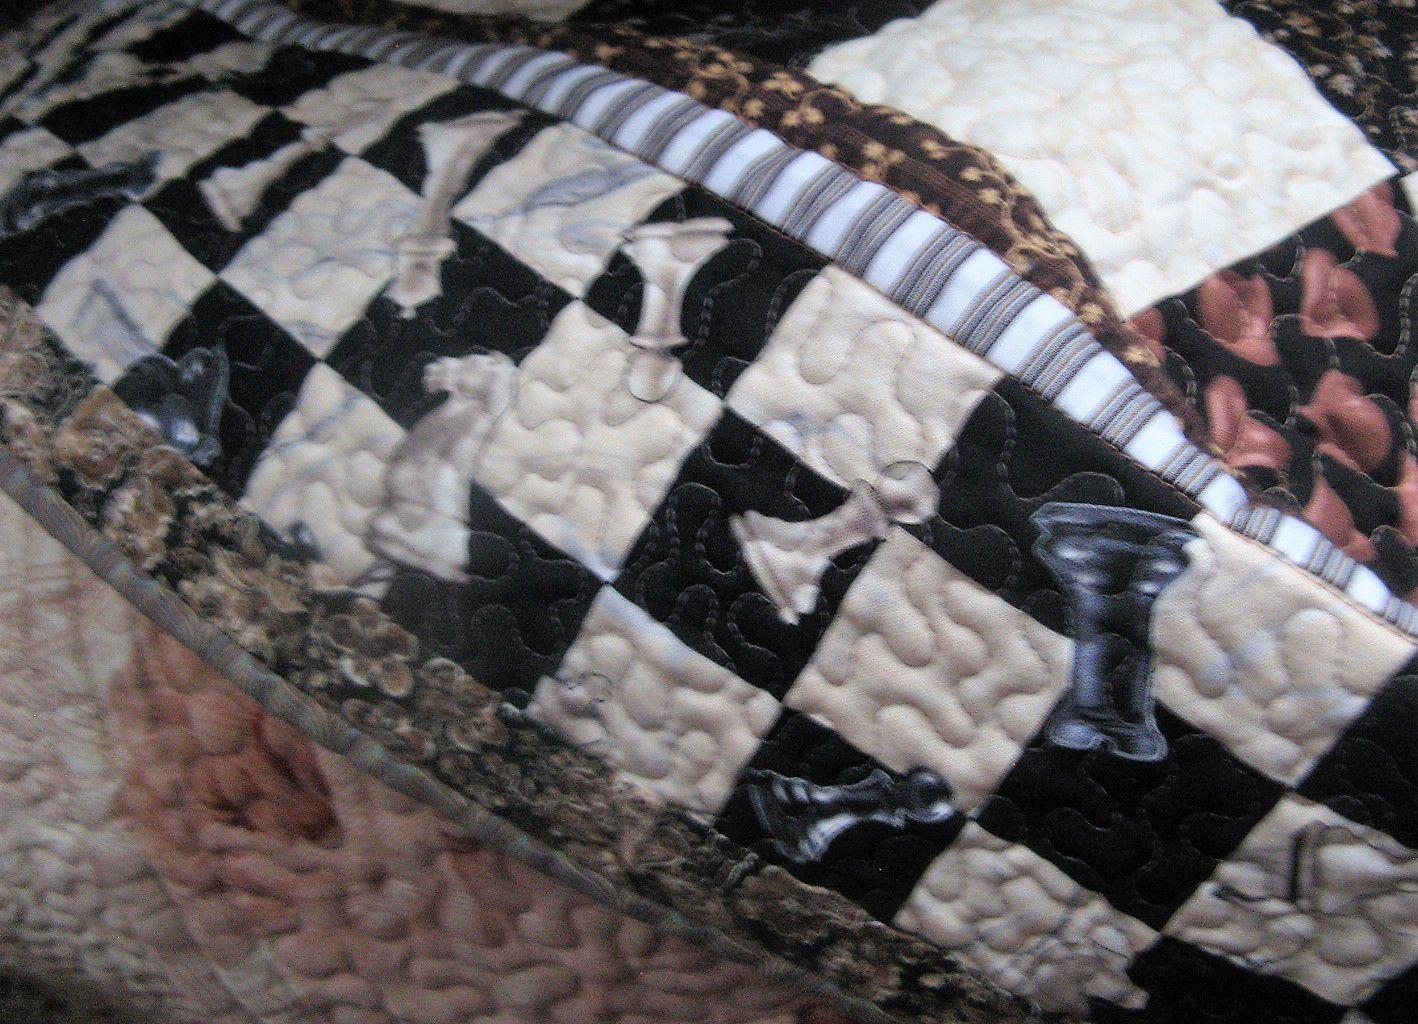 шитьё галка рассказова пэчворк печворк квилтинг квилт шахматная шахматы покрывало доска стёжка подарок лоскутное